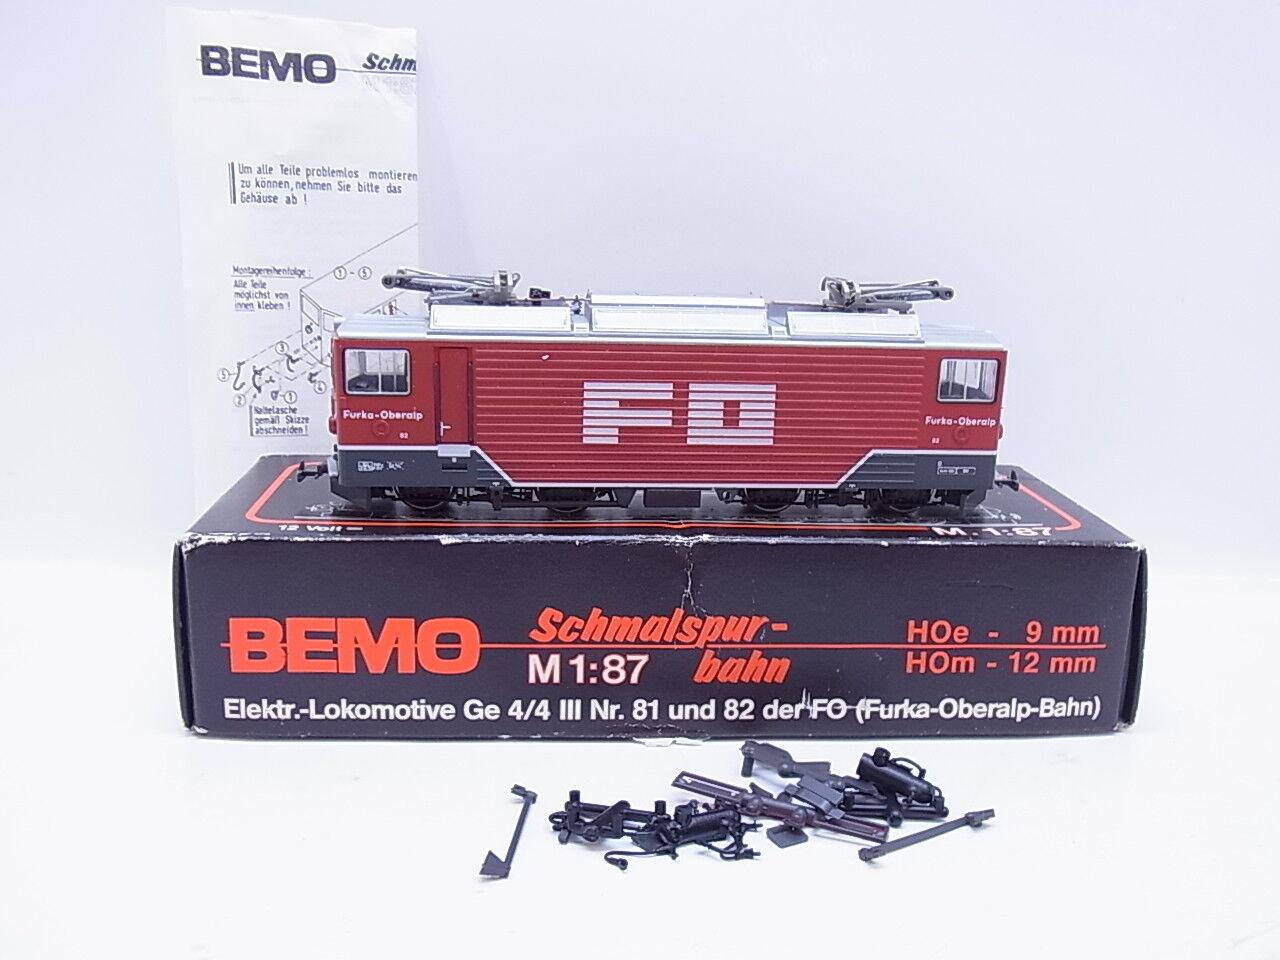 46975 | BEMO h0m 1260/2 E-Lok GE 4/4 della f0 Furka-Oberalp pronto di guida in scatola originale